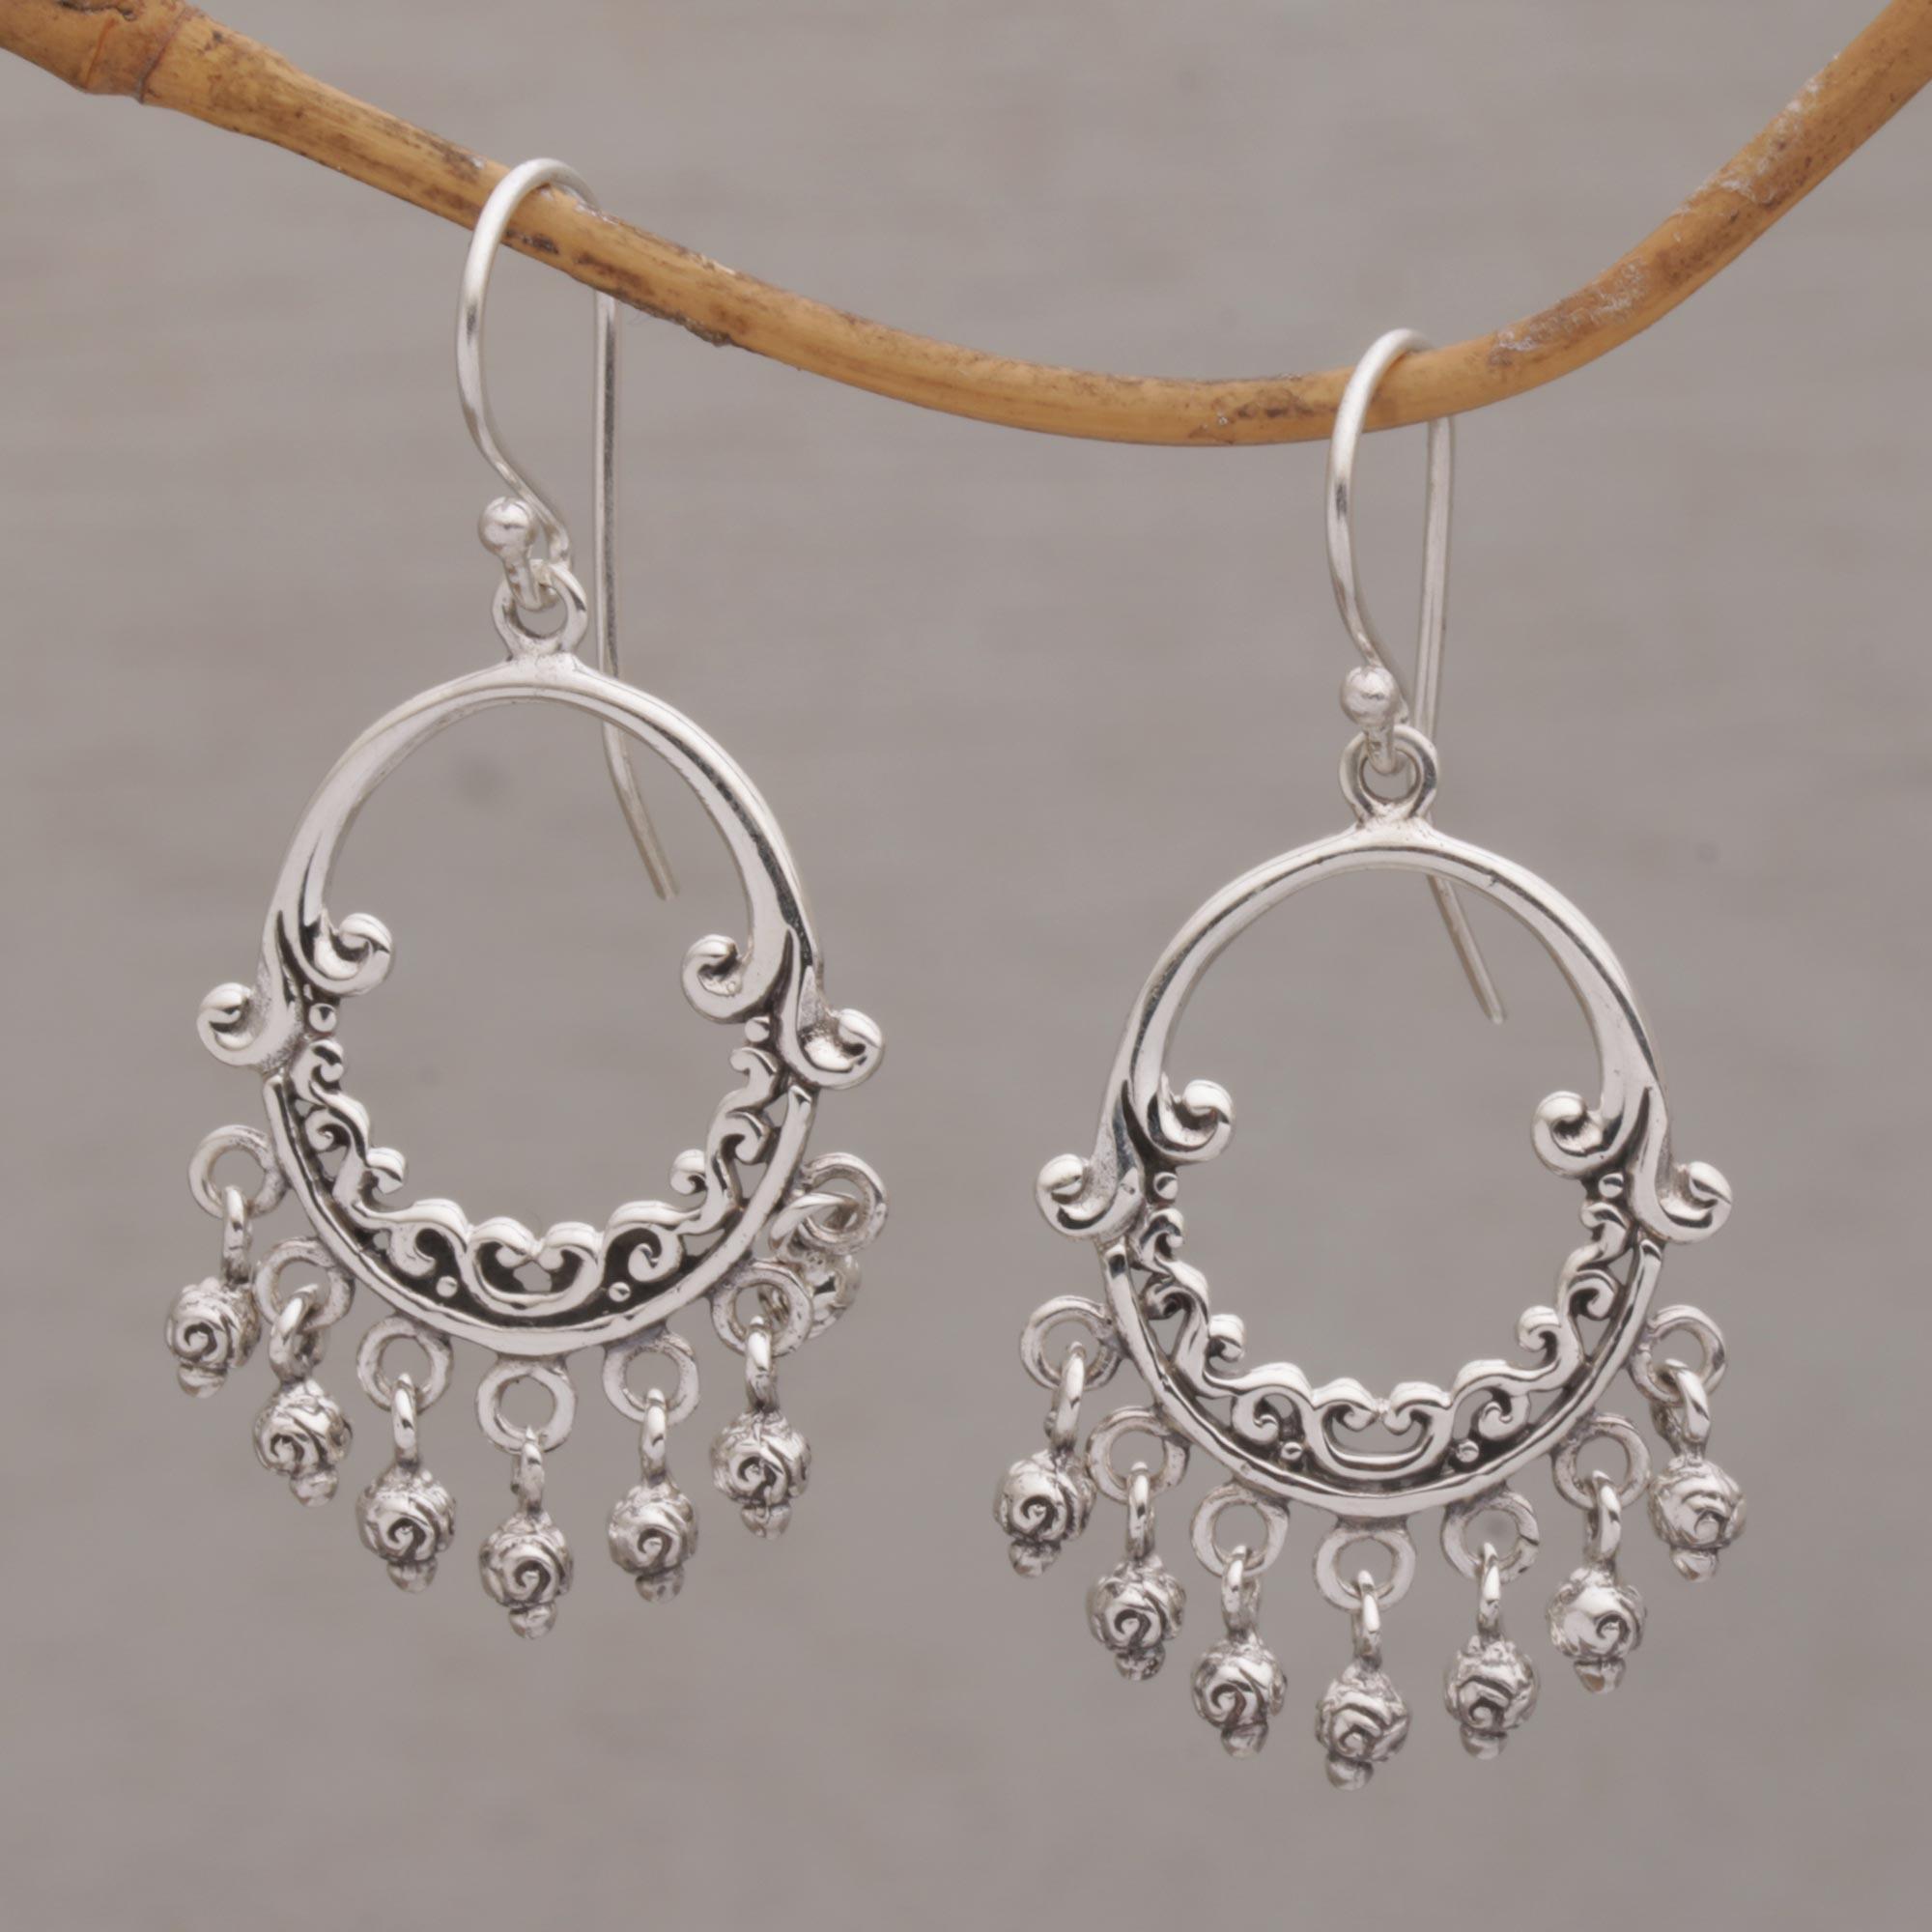 925 Sterling Silver Ball 8mm Shepherd Hook Drop Dangle Chandelier Earrings Fine Jewelry For Women Gifts For Her